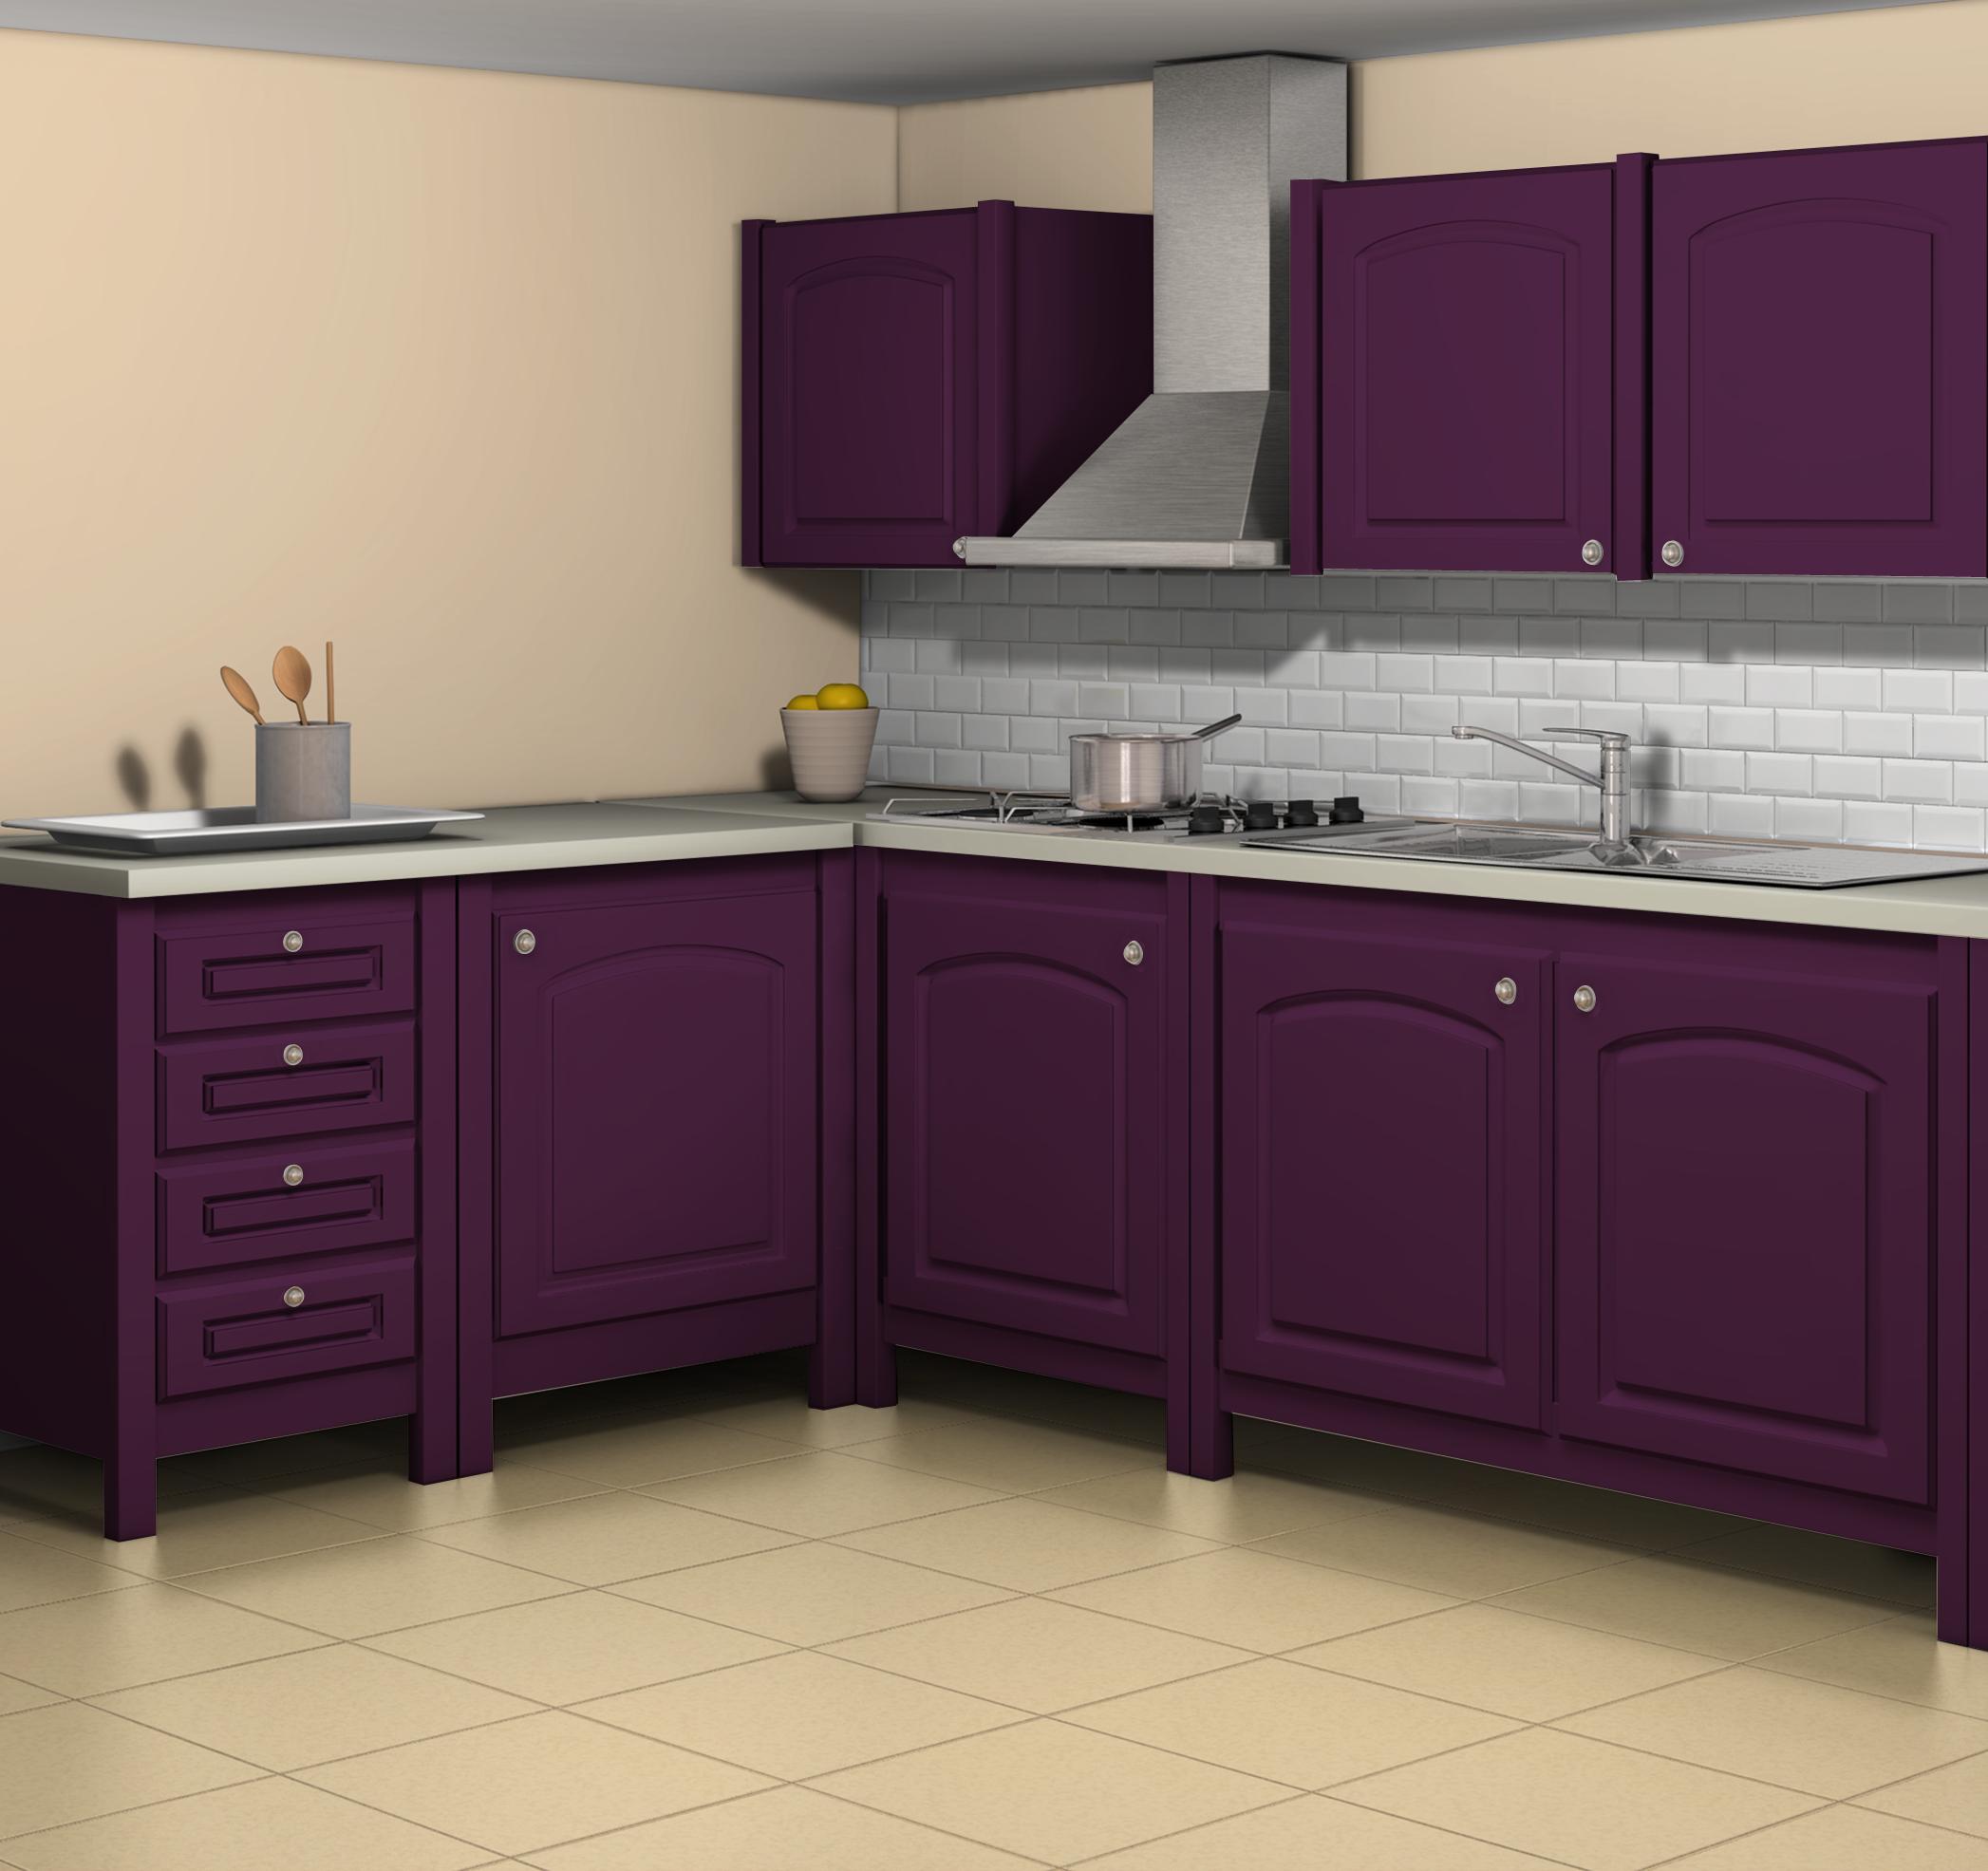 Esprit campagne simulation avec la teinte aubergine fa ades meubles la teinte cr me de for Credence violette